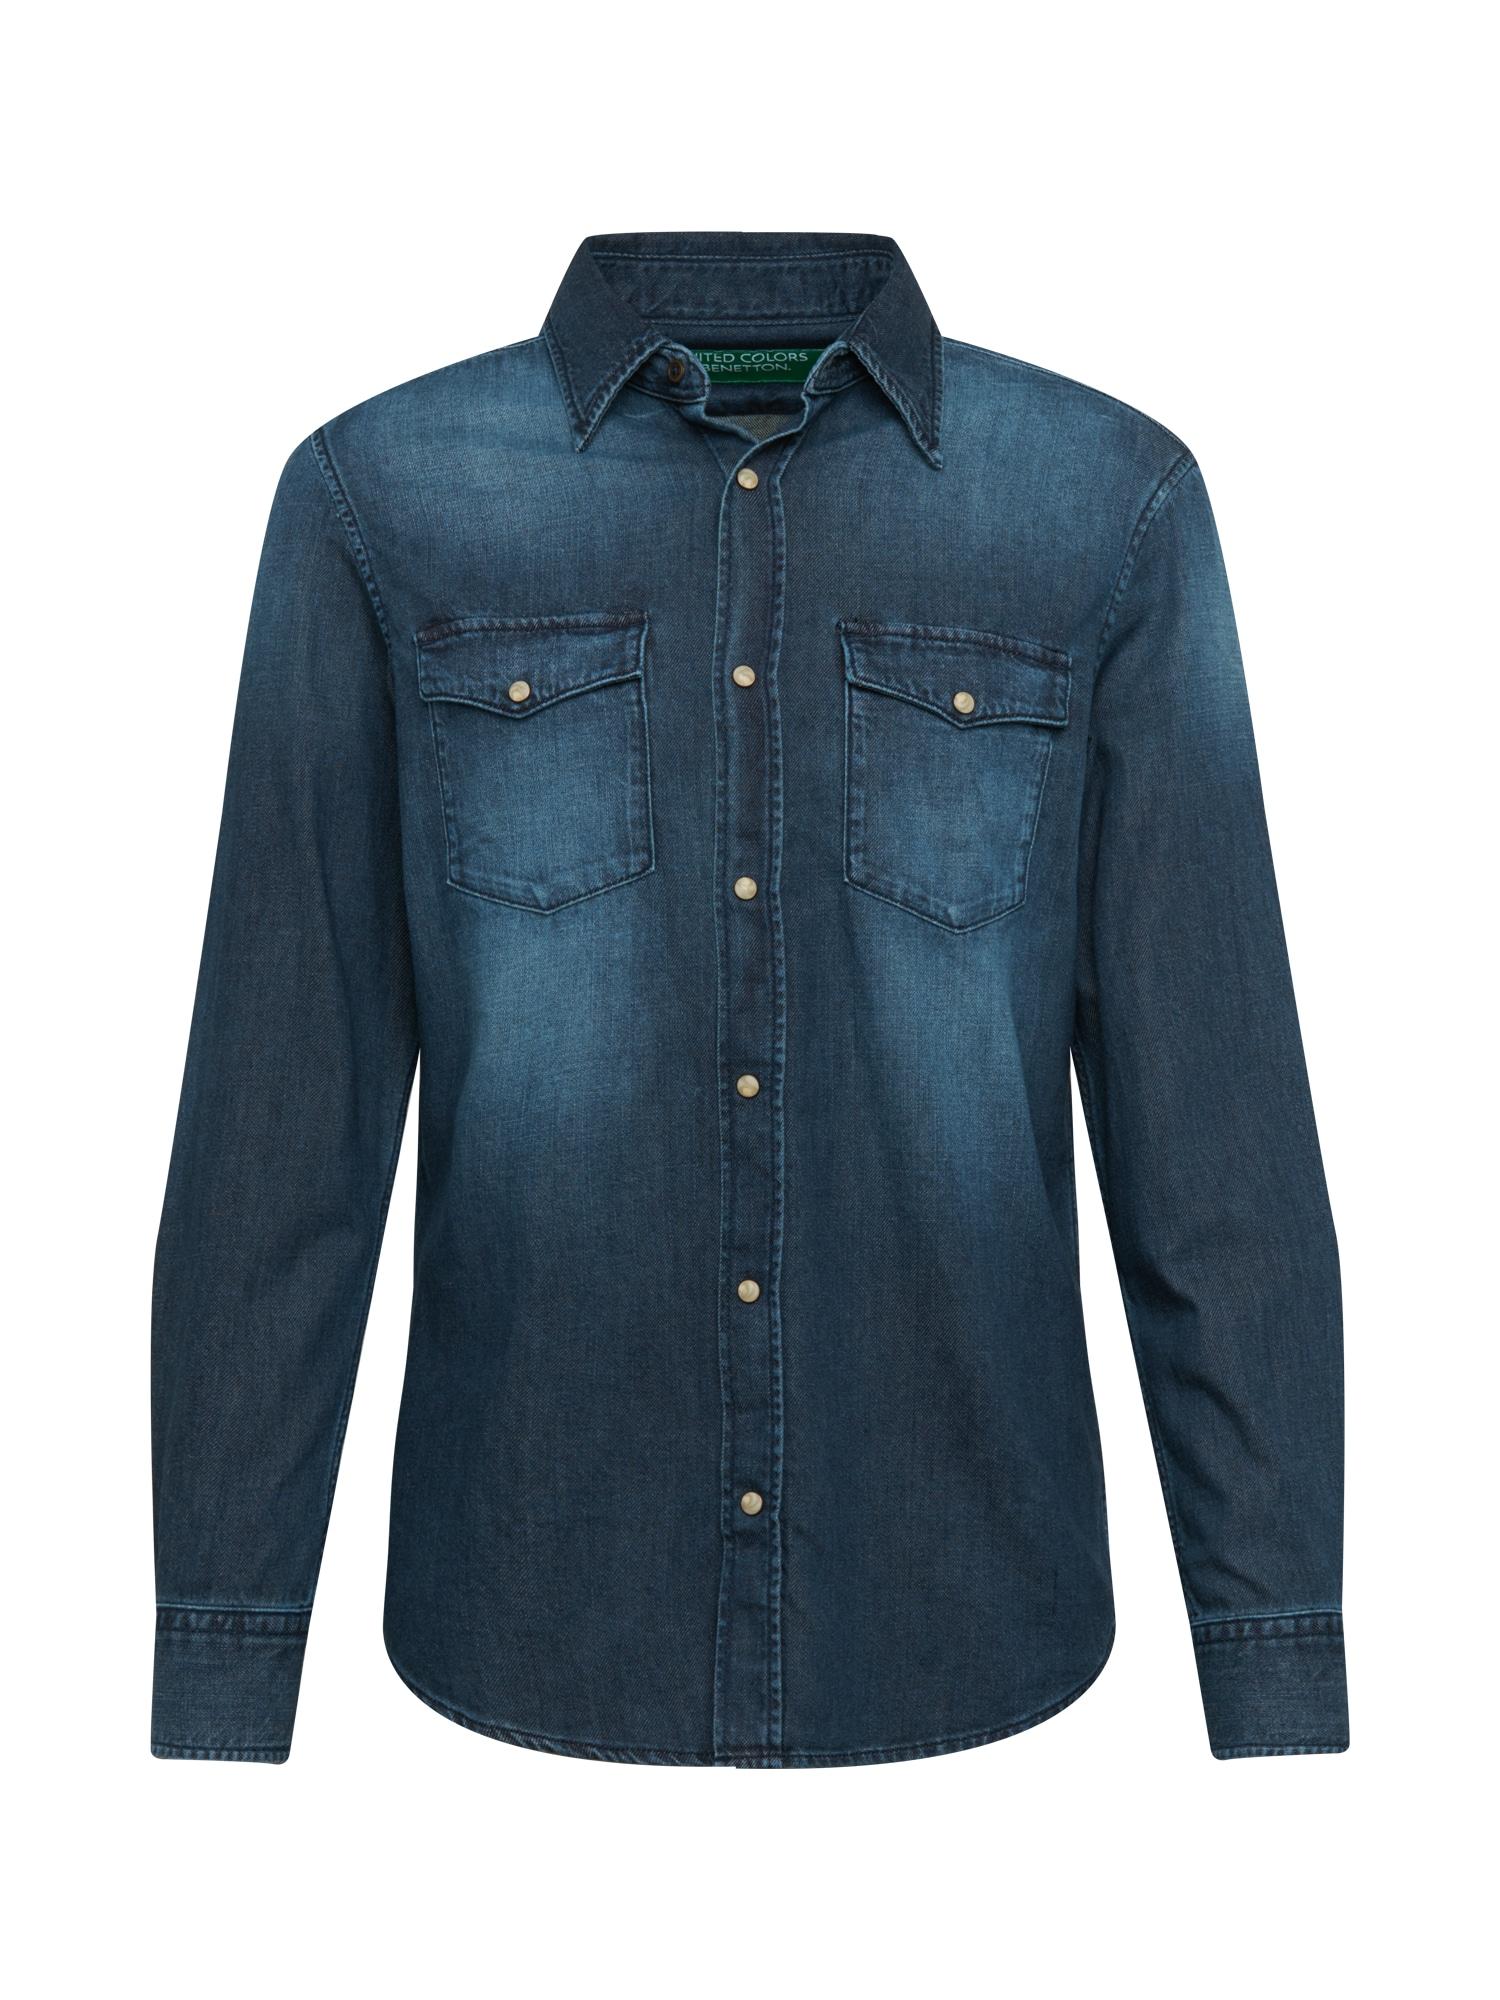 UNITED COLORS OF BENETTON Marškiniai tamsiai (džinso) mėlyna